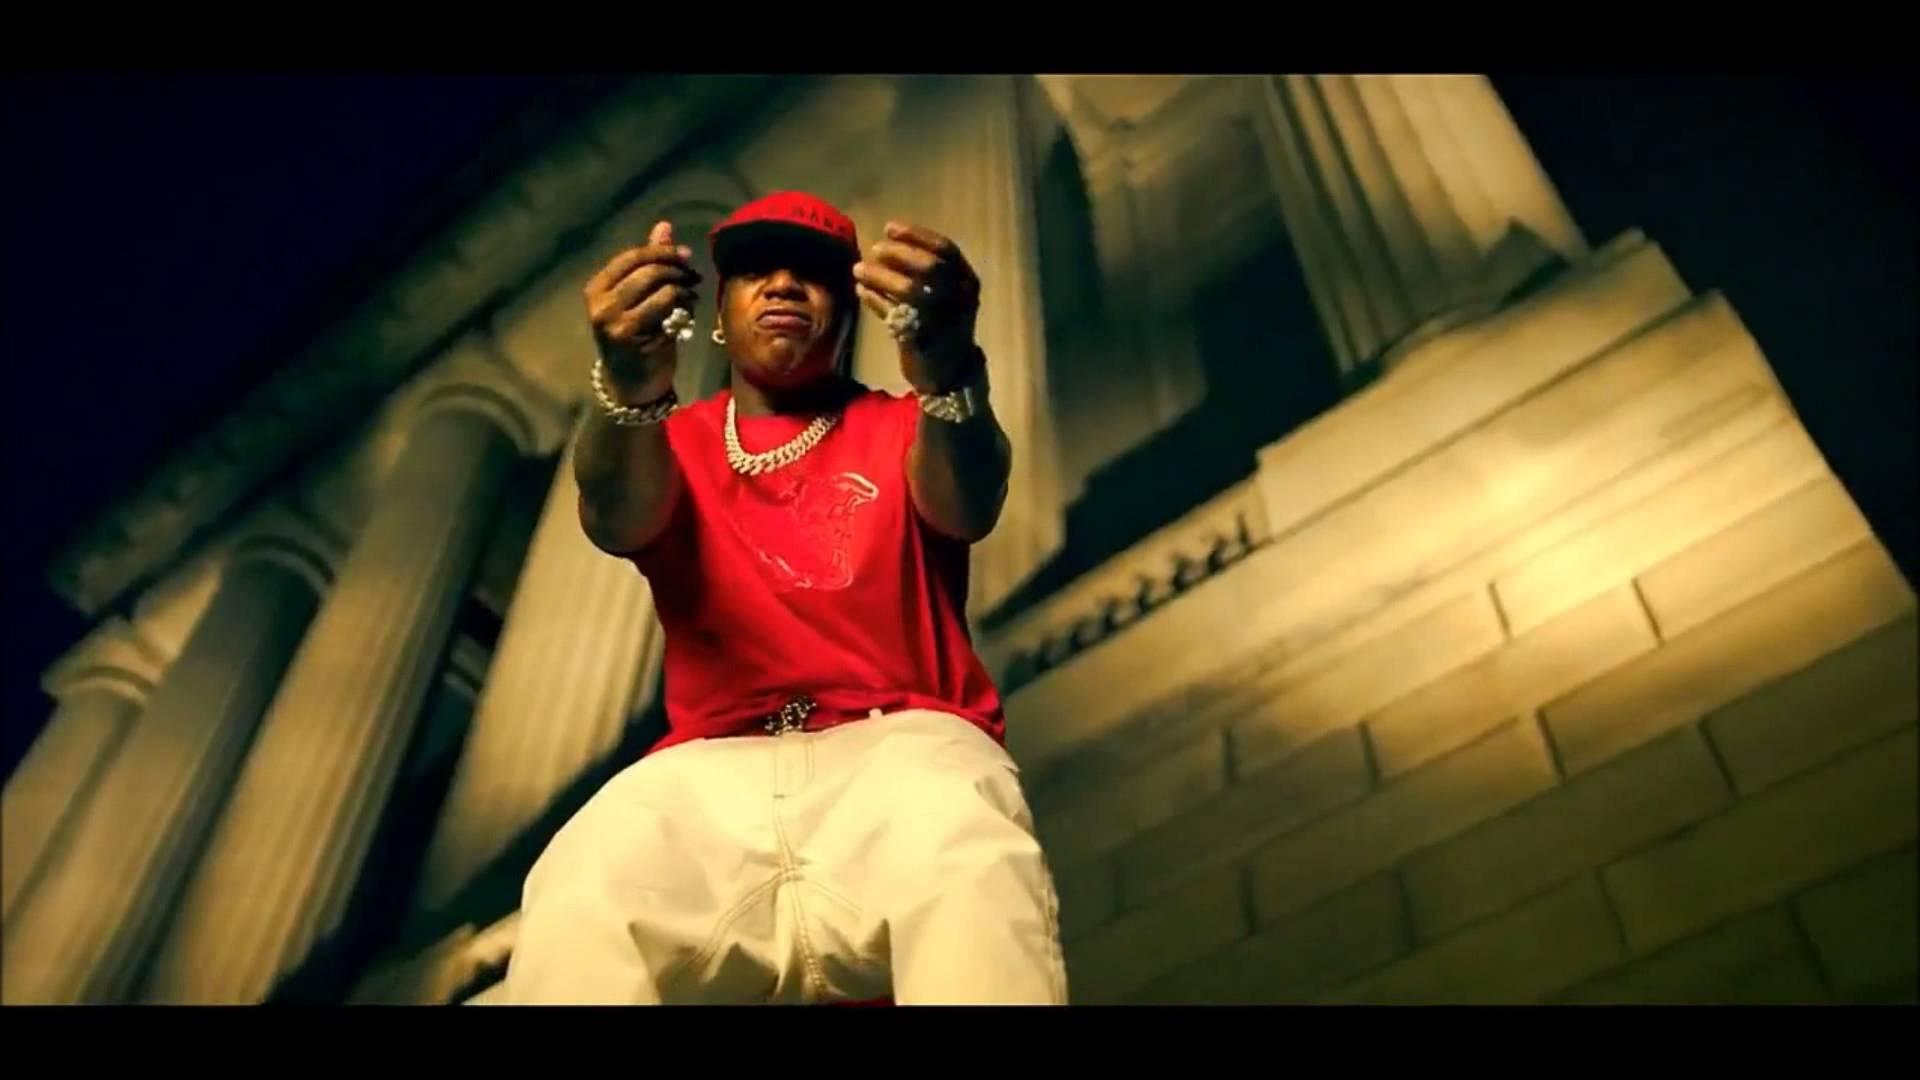 Rich Gang Feat. Birdman, Lil Wayne & R. Kelly – We Been On